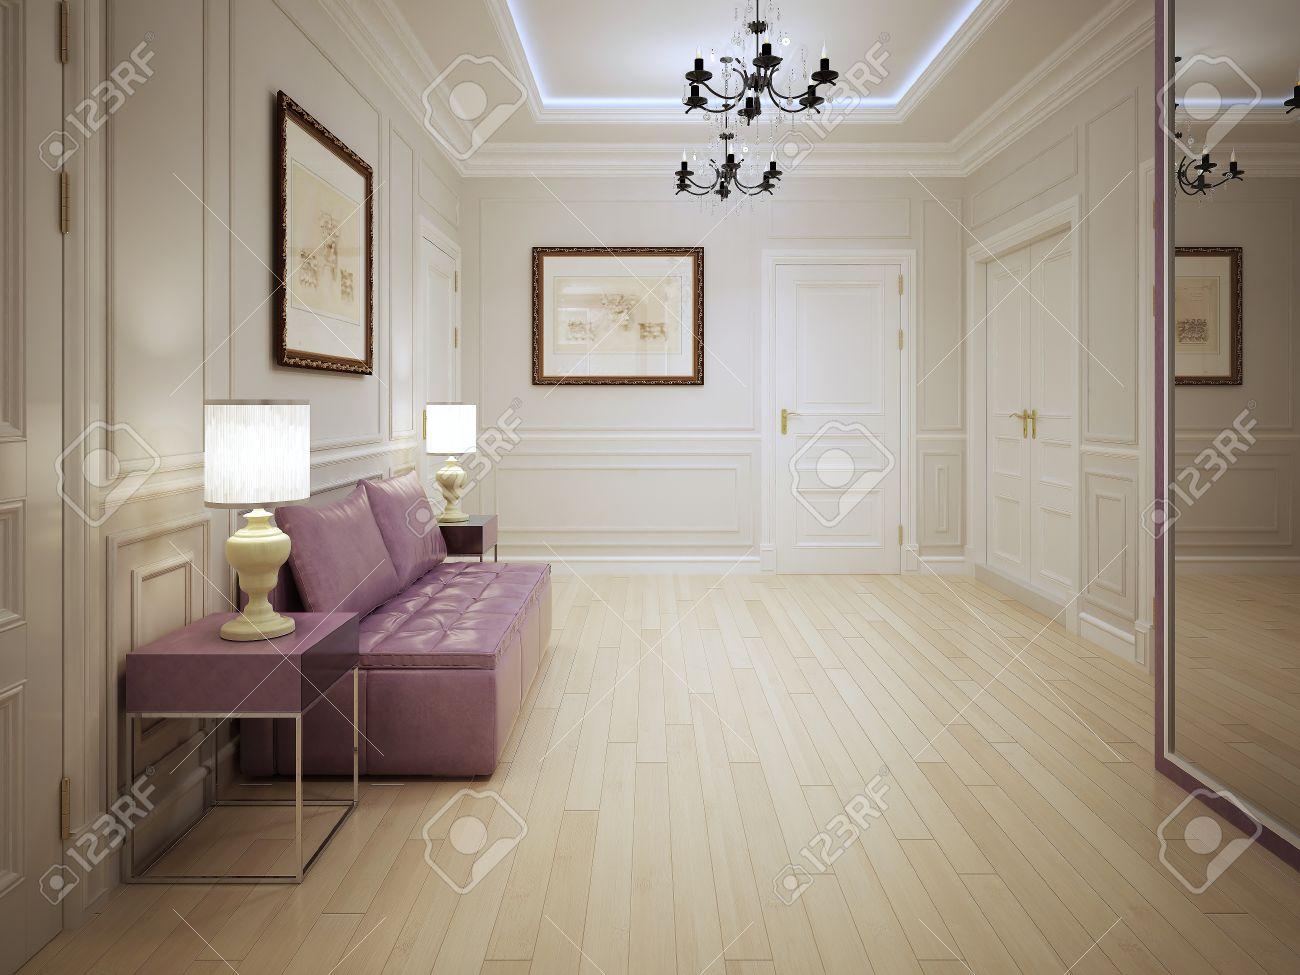 Luminaire Pour Couloir D Entrée style moderne de hall d'entrée. hall d'entrée avec moulés panneaux muraux  avec des meubles rose. l'éclairage est réalisé par des néons au plafond,